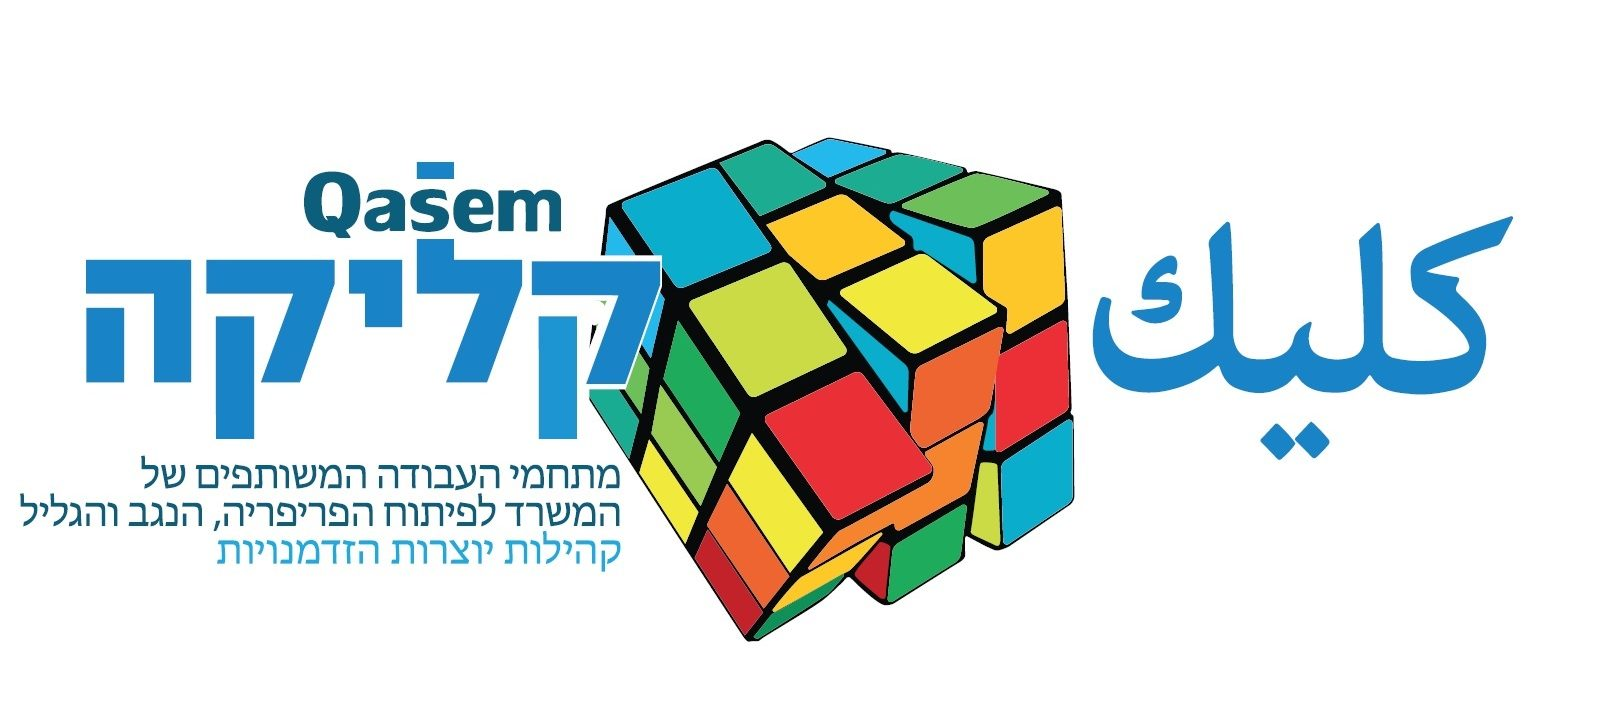 קליקה האב קאסם